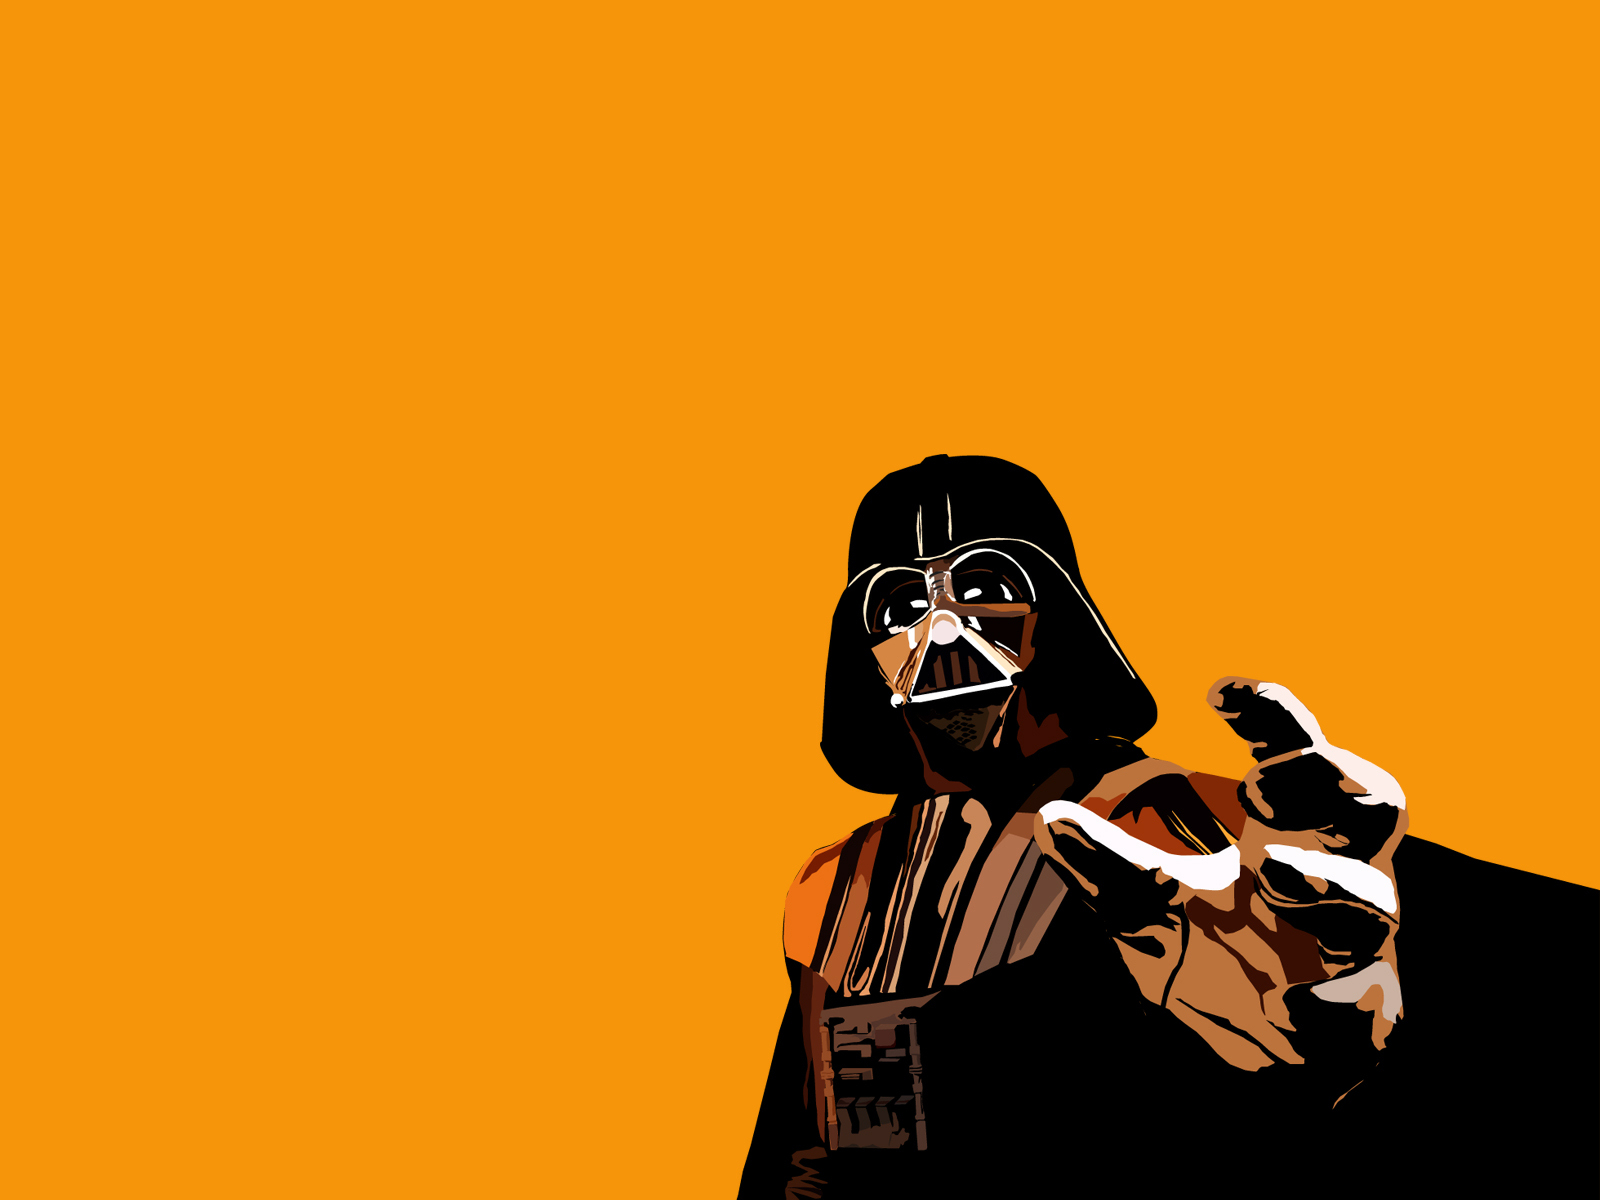 Movie - Star Wars  Darth Vader Wallpaper